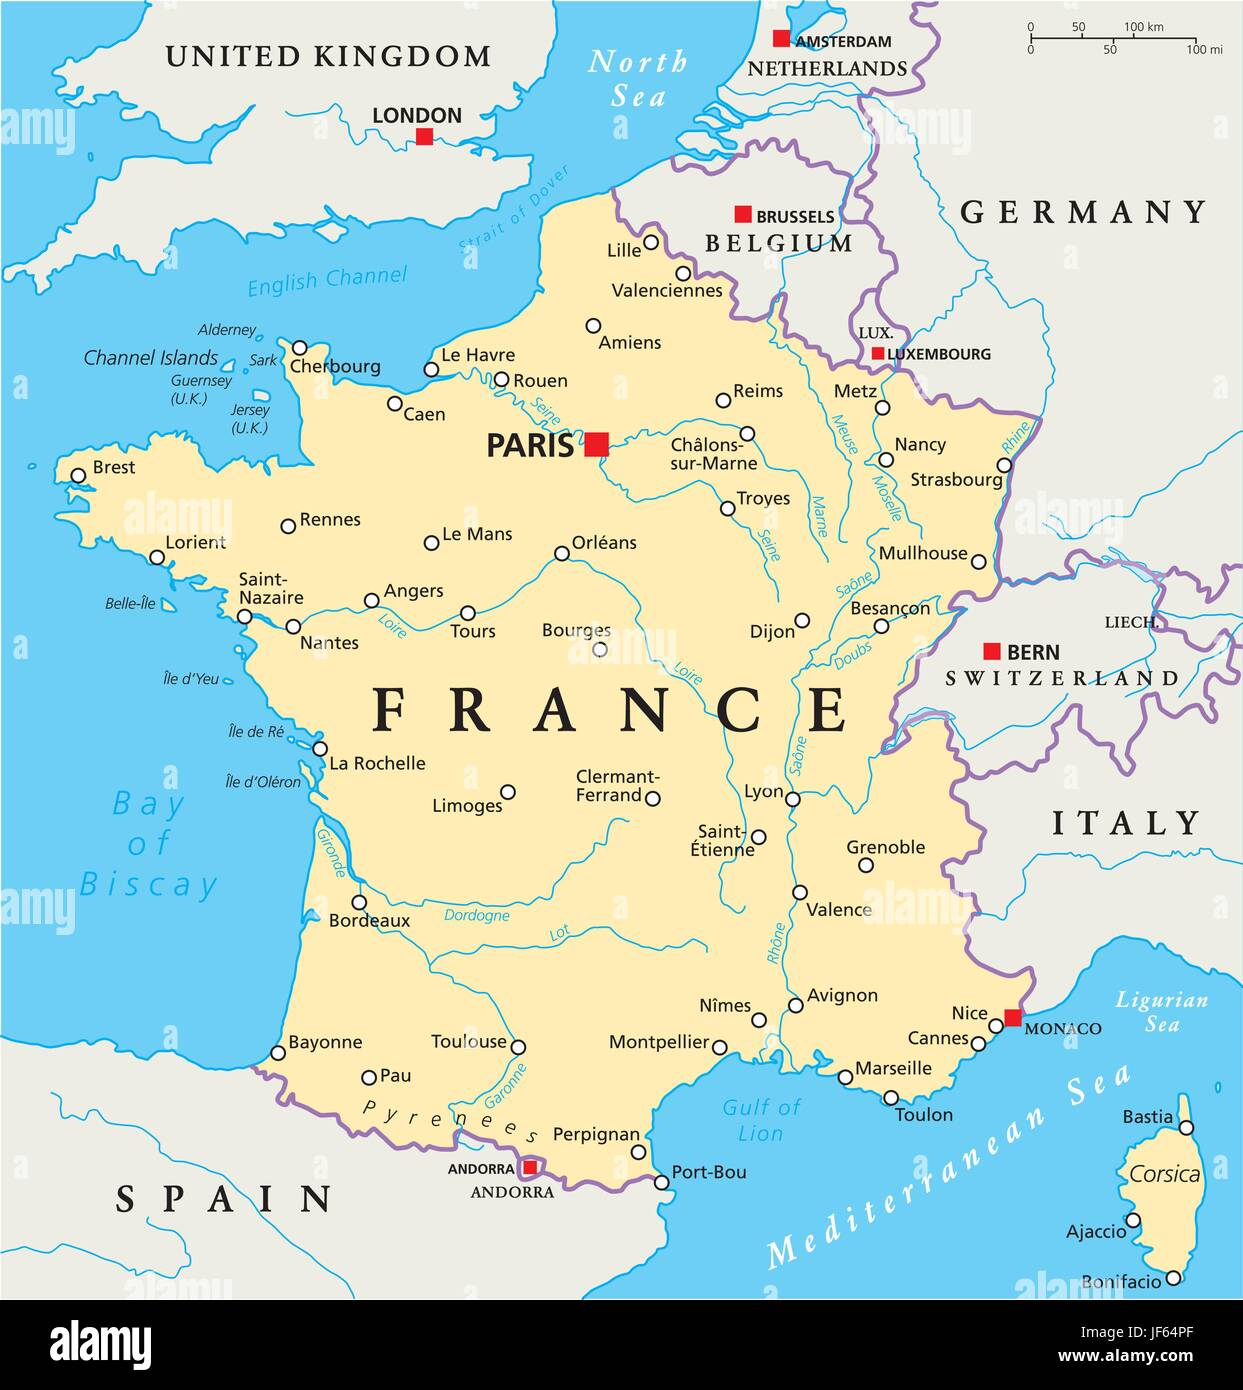 Carte Corse Nord.Paris France Corse Carte Atlas Carte Du Monde Politique De L